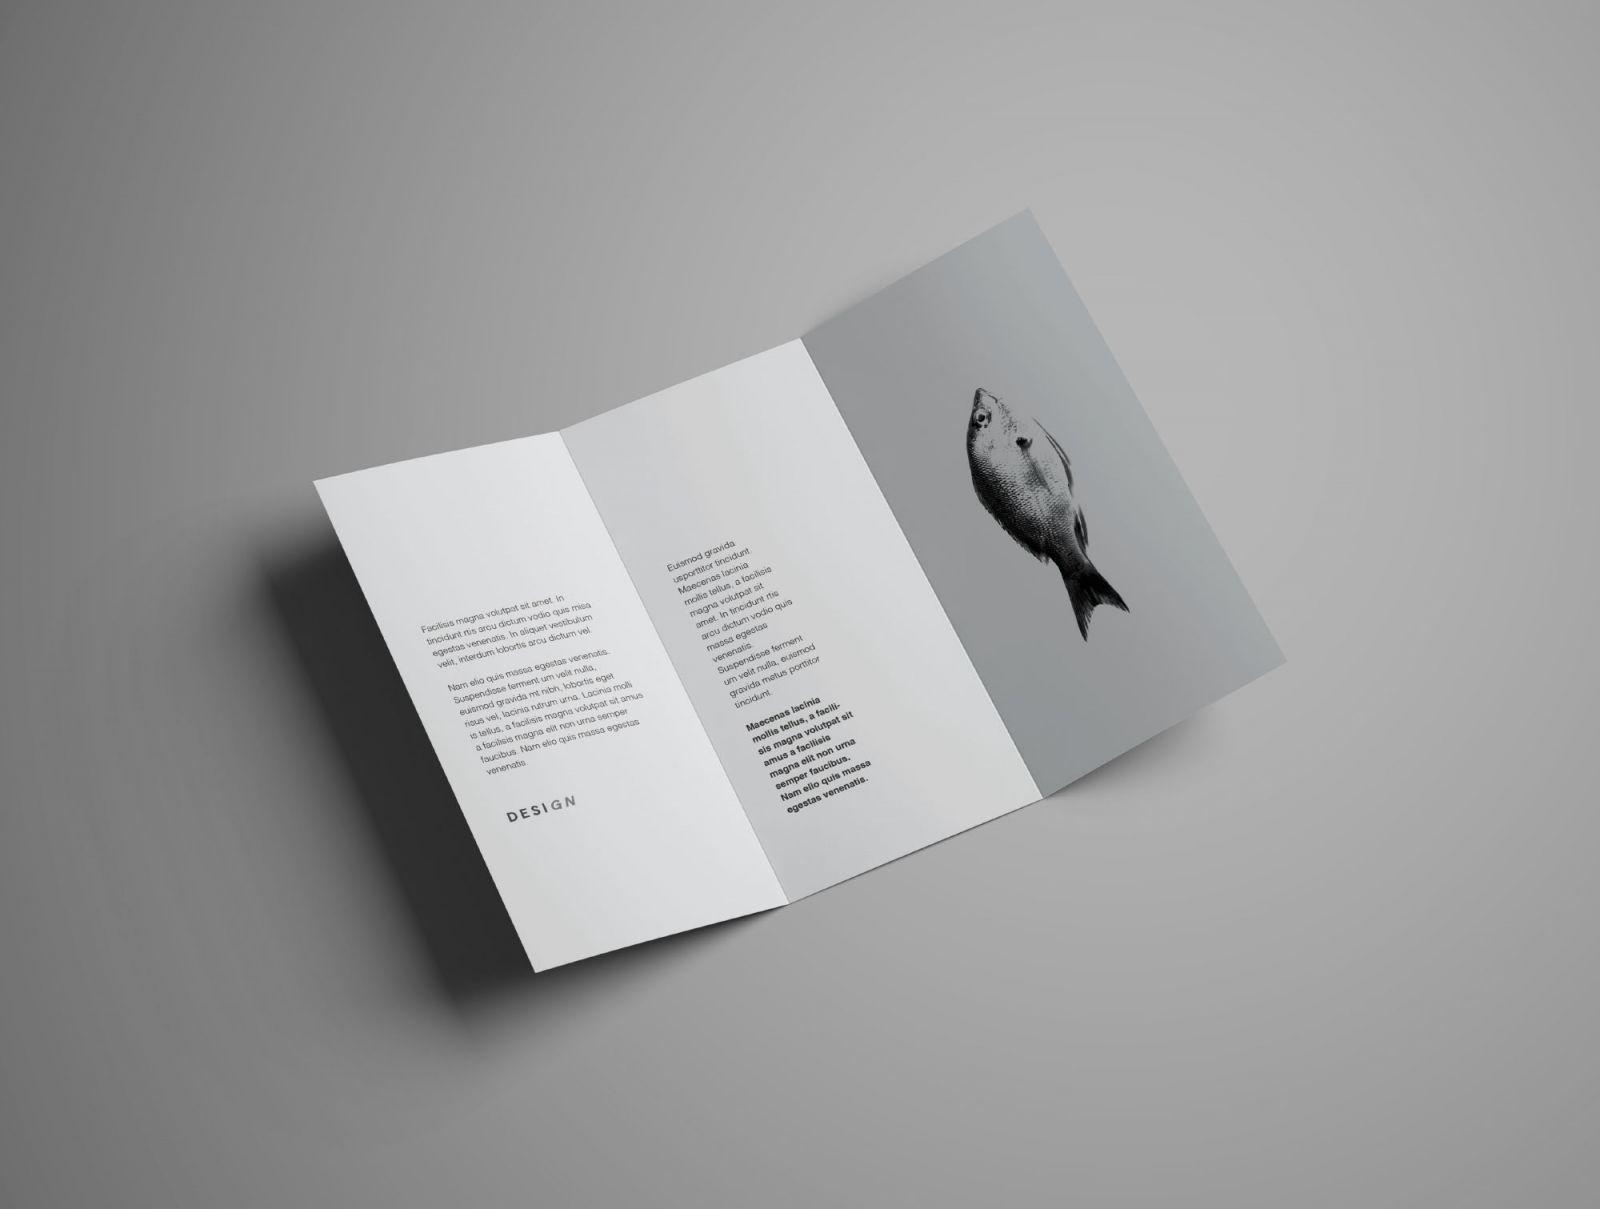 Free 7 Scenes Trifold Brochure Mockup Psd In 2020 Brochure Mockup Psd Free Pamphlet Design Brochure Mockup Psd